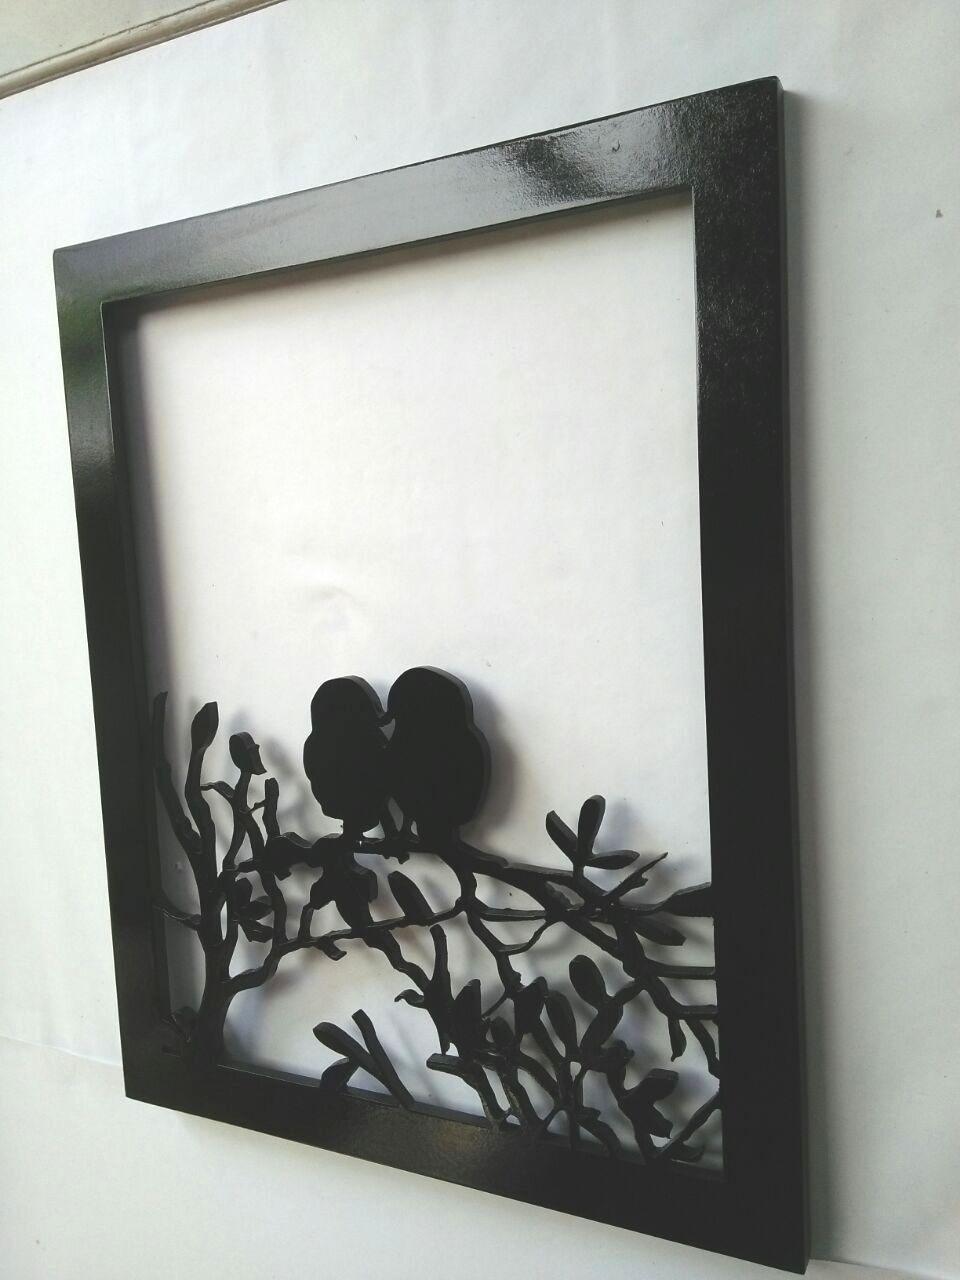 80+ Gambar Abstrak Hiasan Dinding Paling Bagus